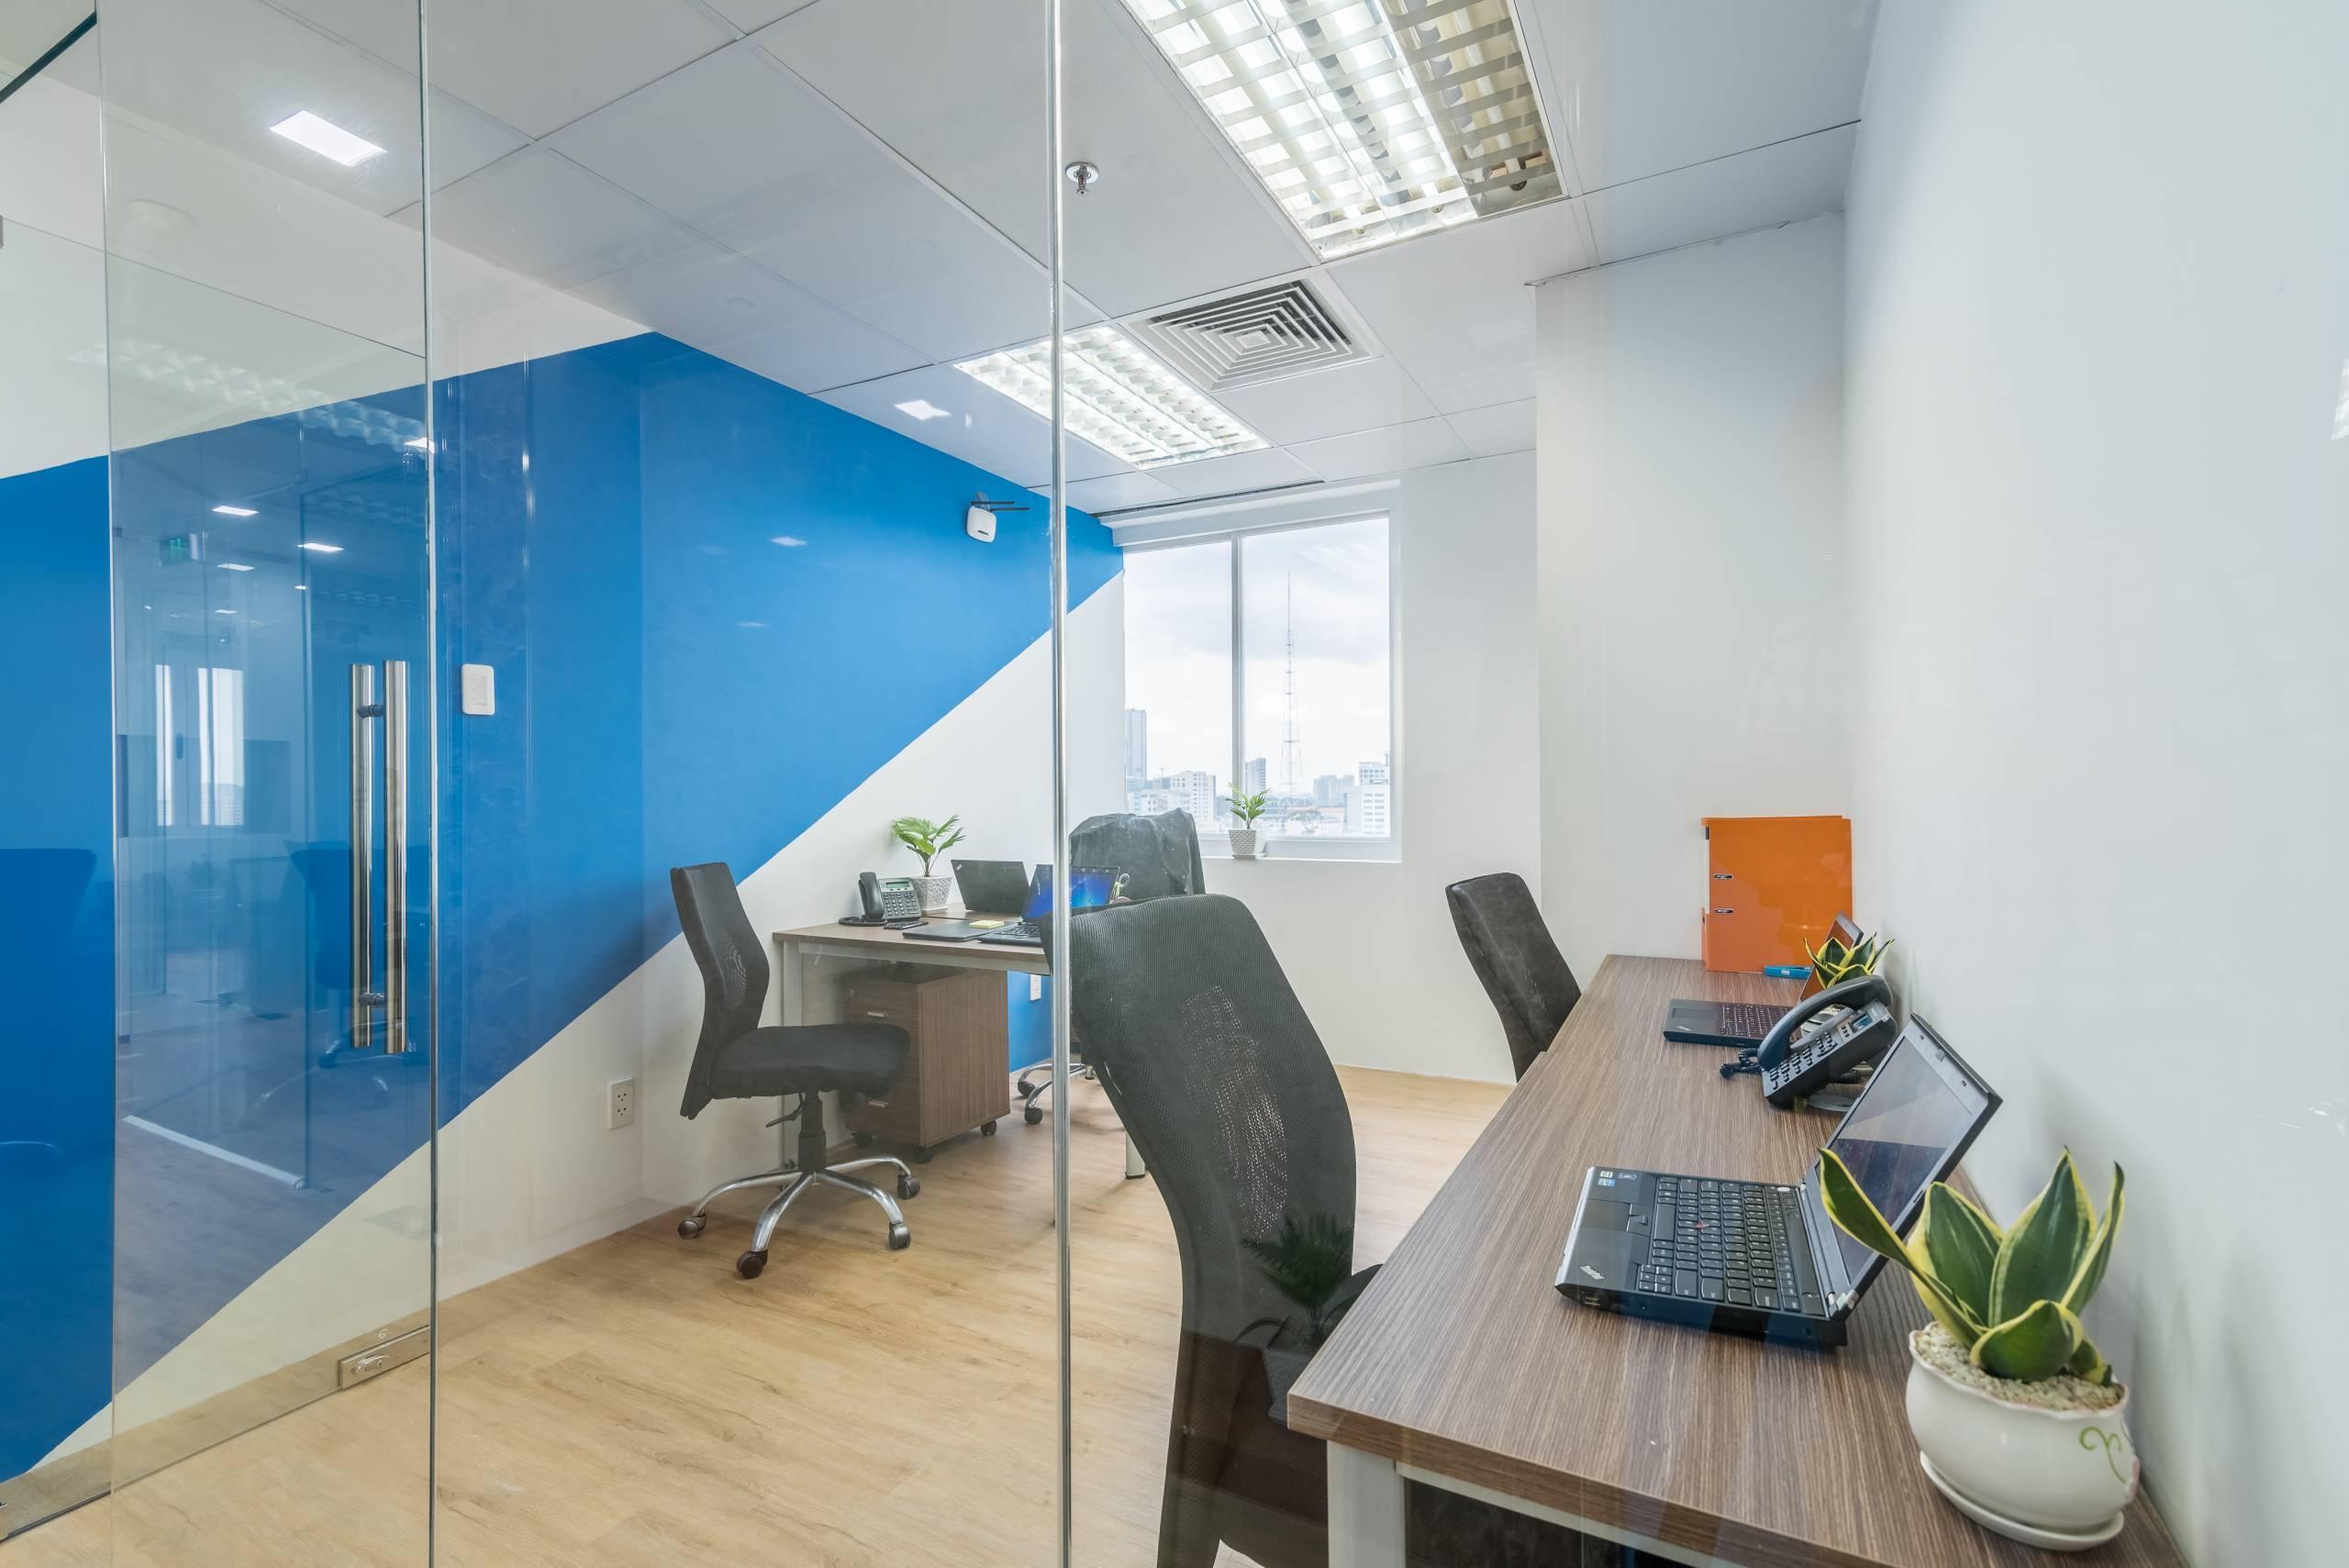 Chỗ ngồi làm việc tốt nhất là chỗ ngồi phù hợp với công việc của bạn